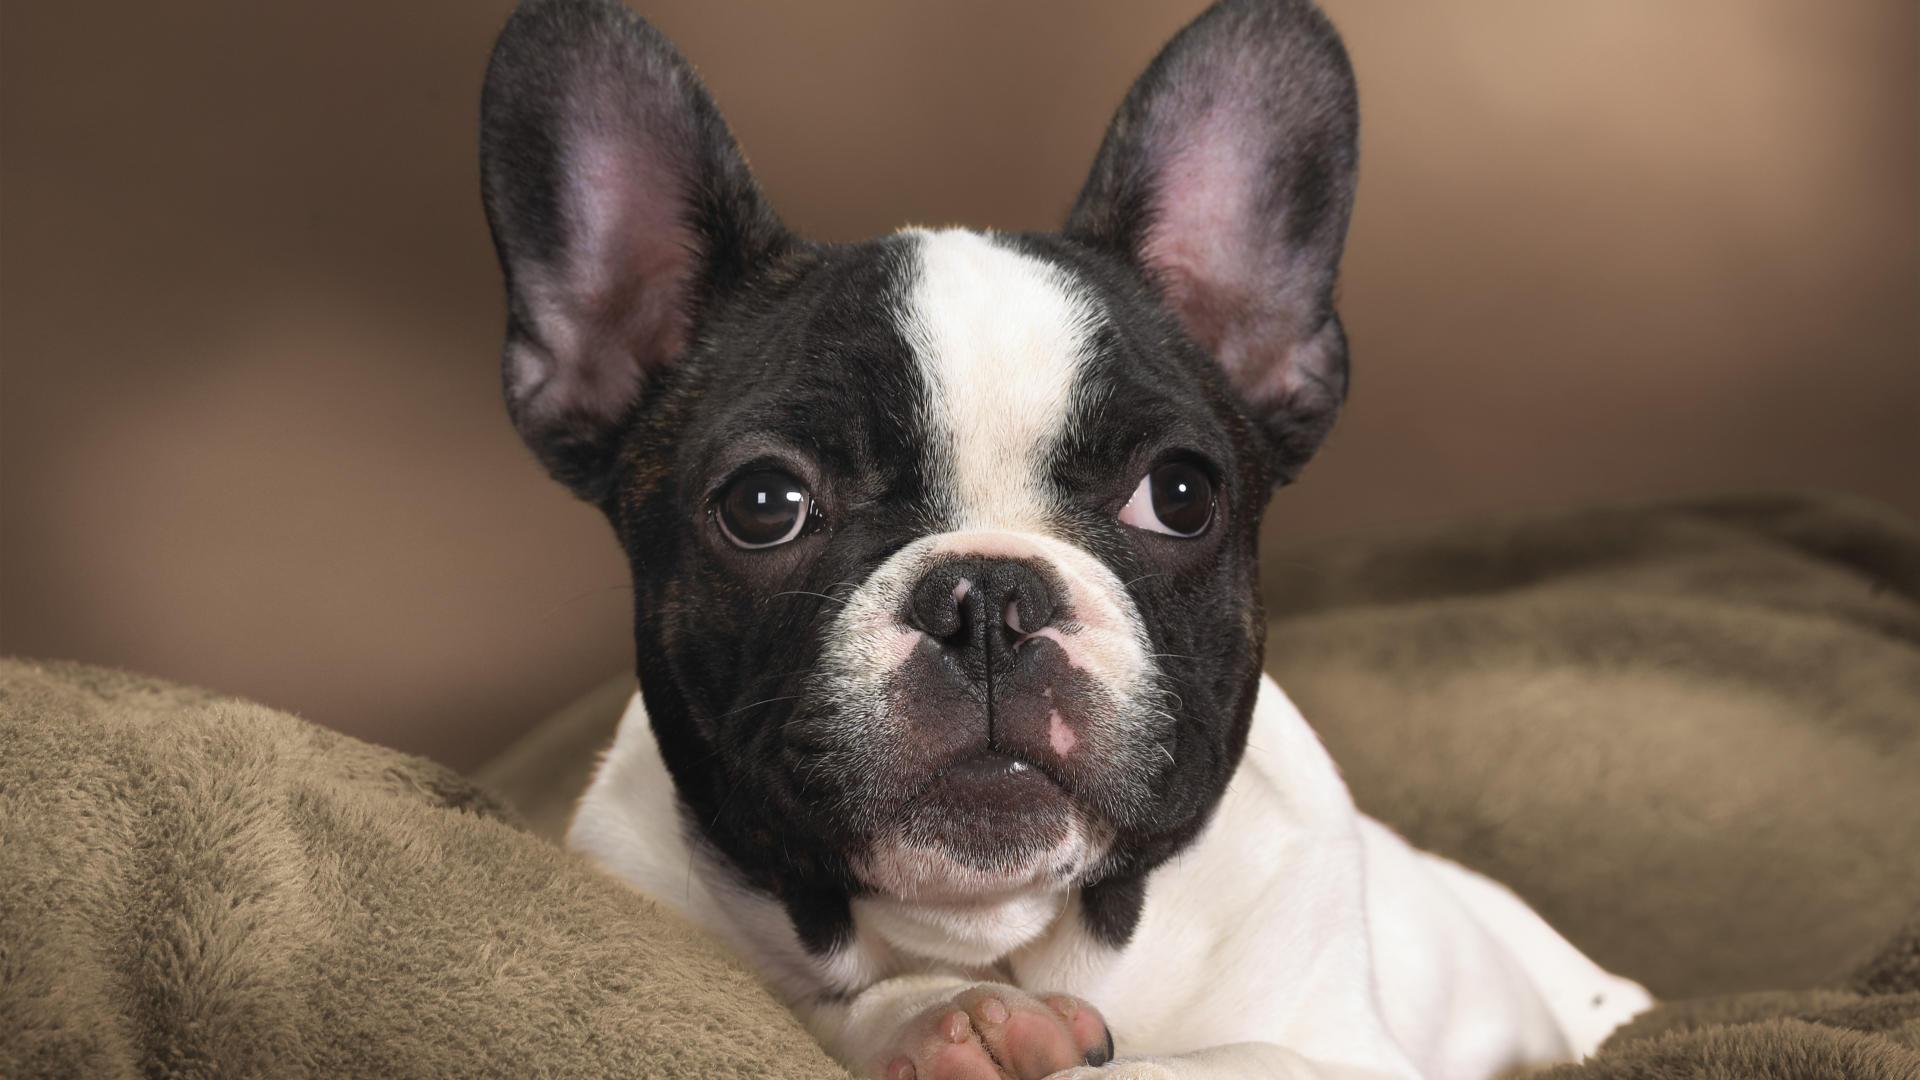 Descúbrelo TODO sobre el Perro Bulldog Francés, ¡alucínalo! | Wakyma